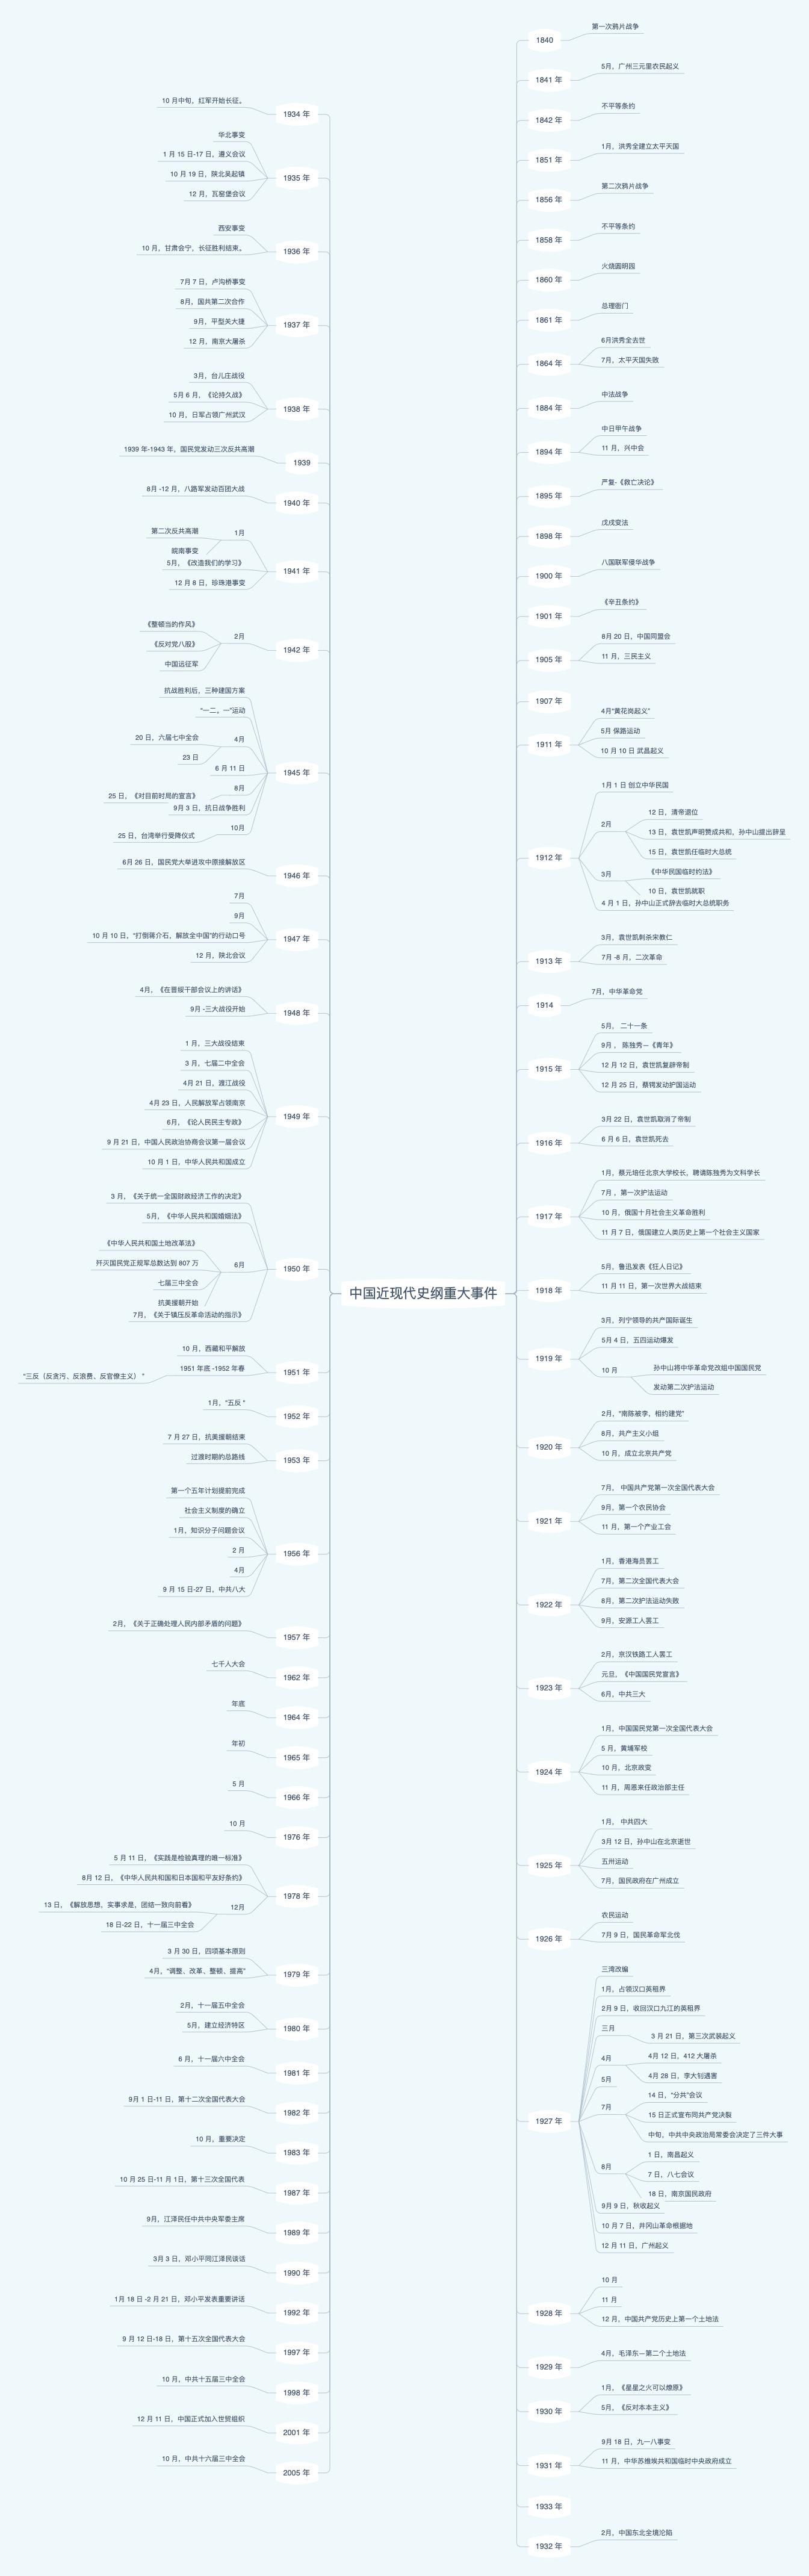 中国近现代史纲重大事件时间表